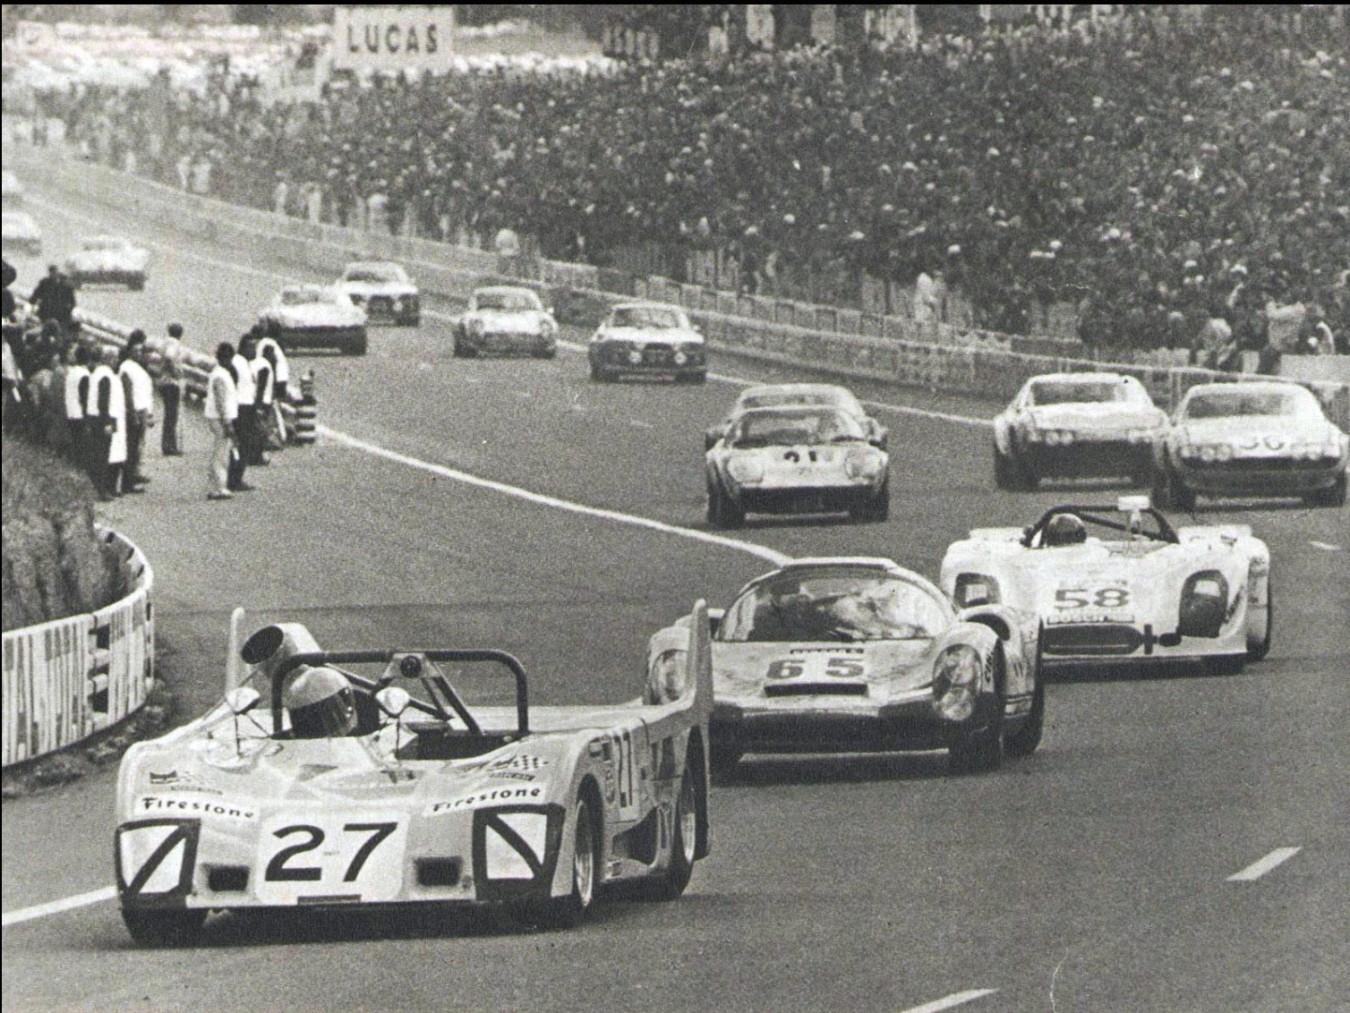 Lola leading Porsche